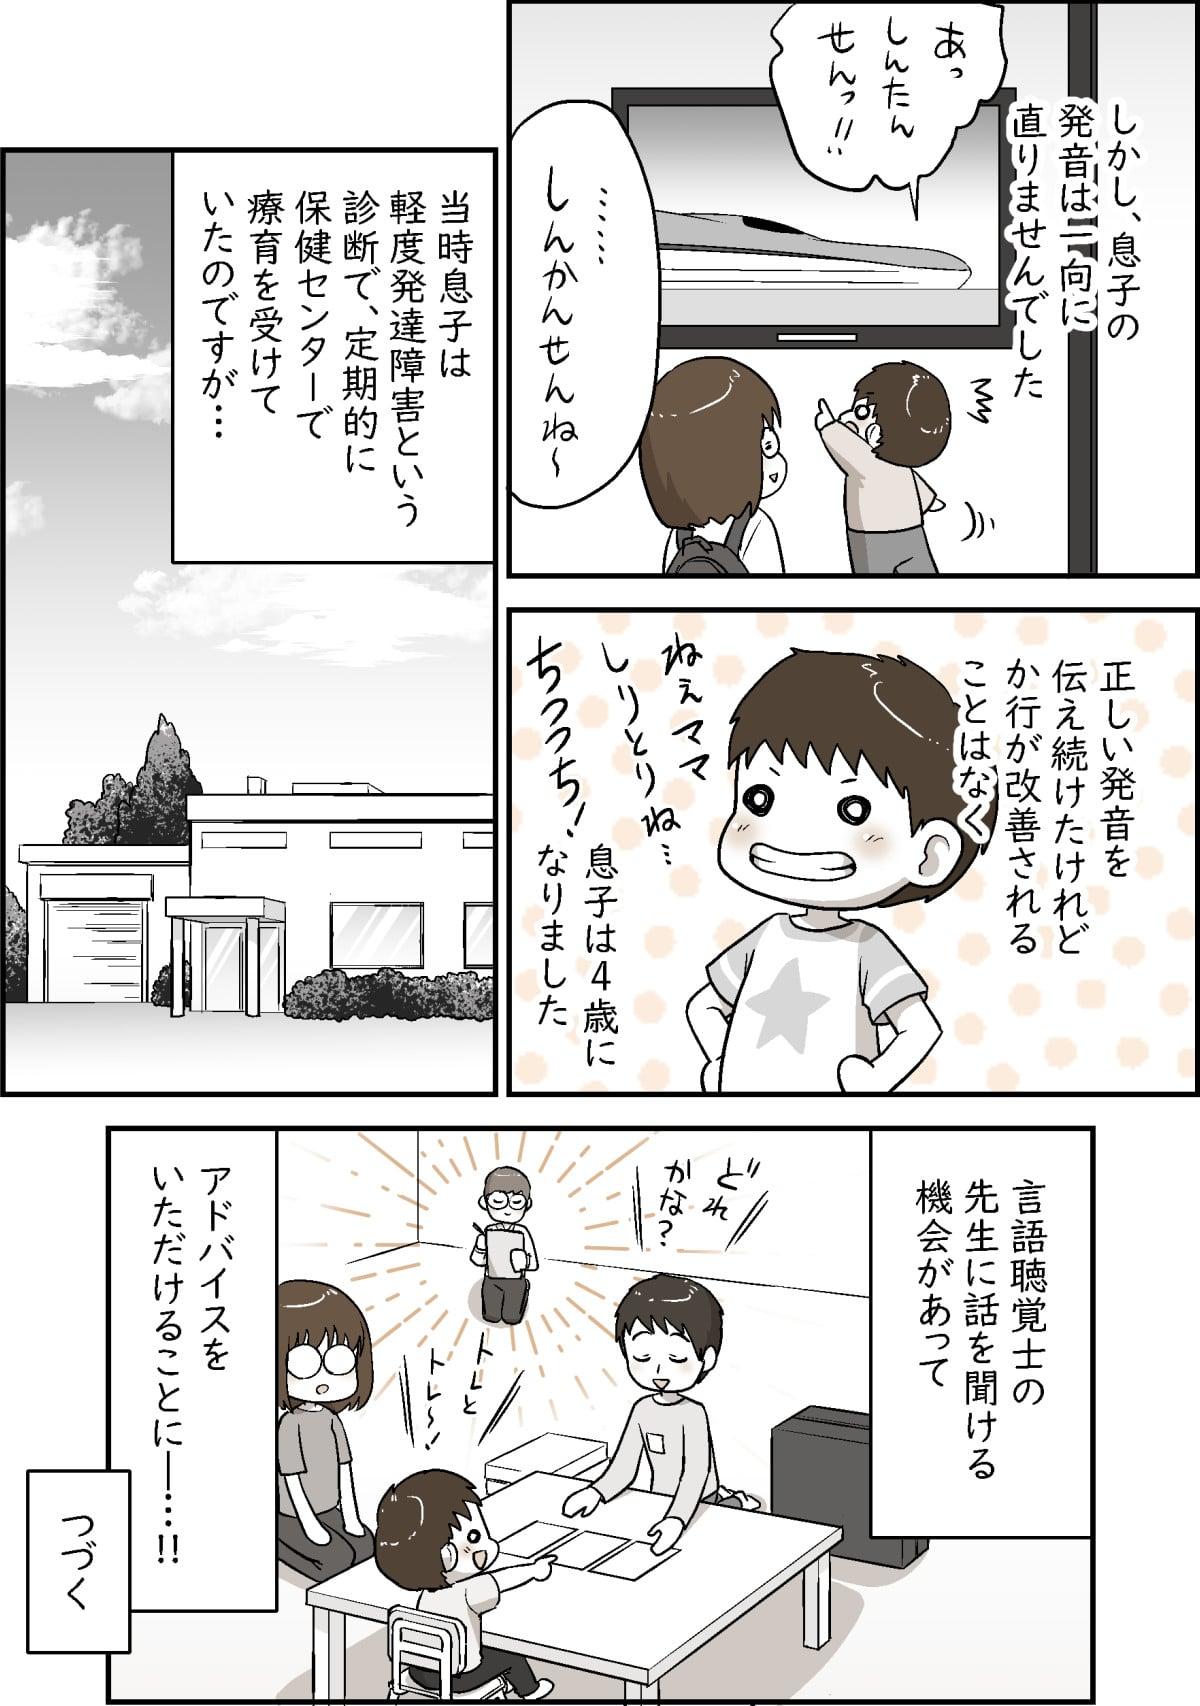 <息子は構音障害?>